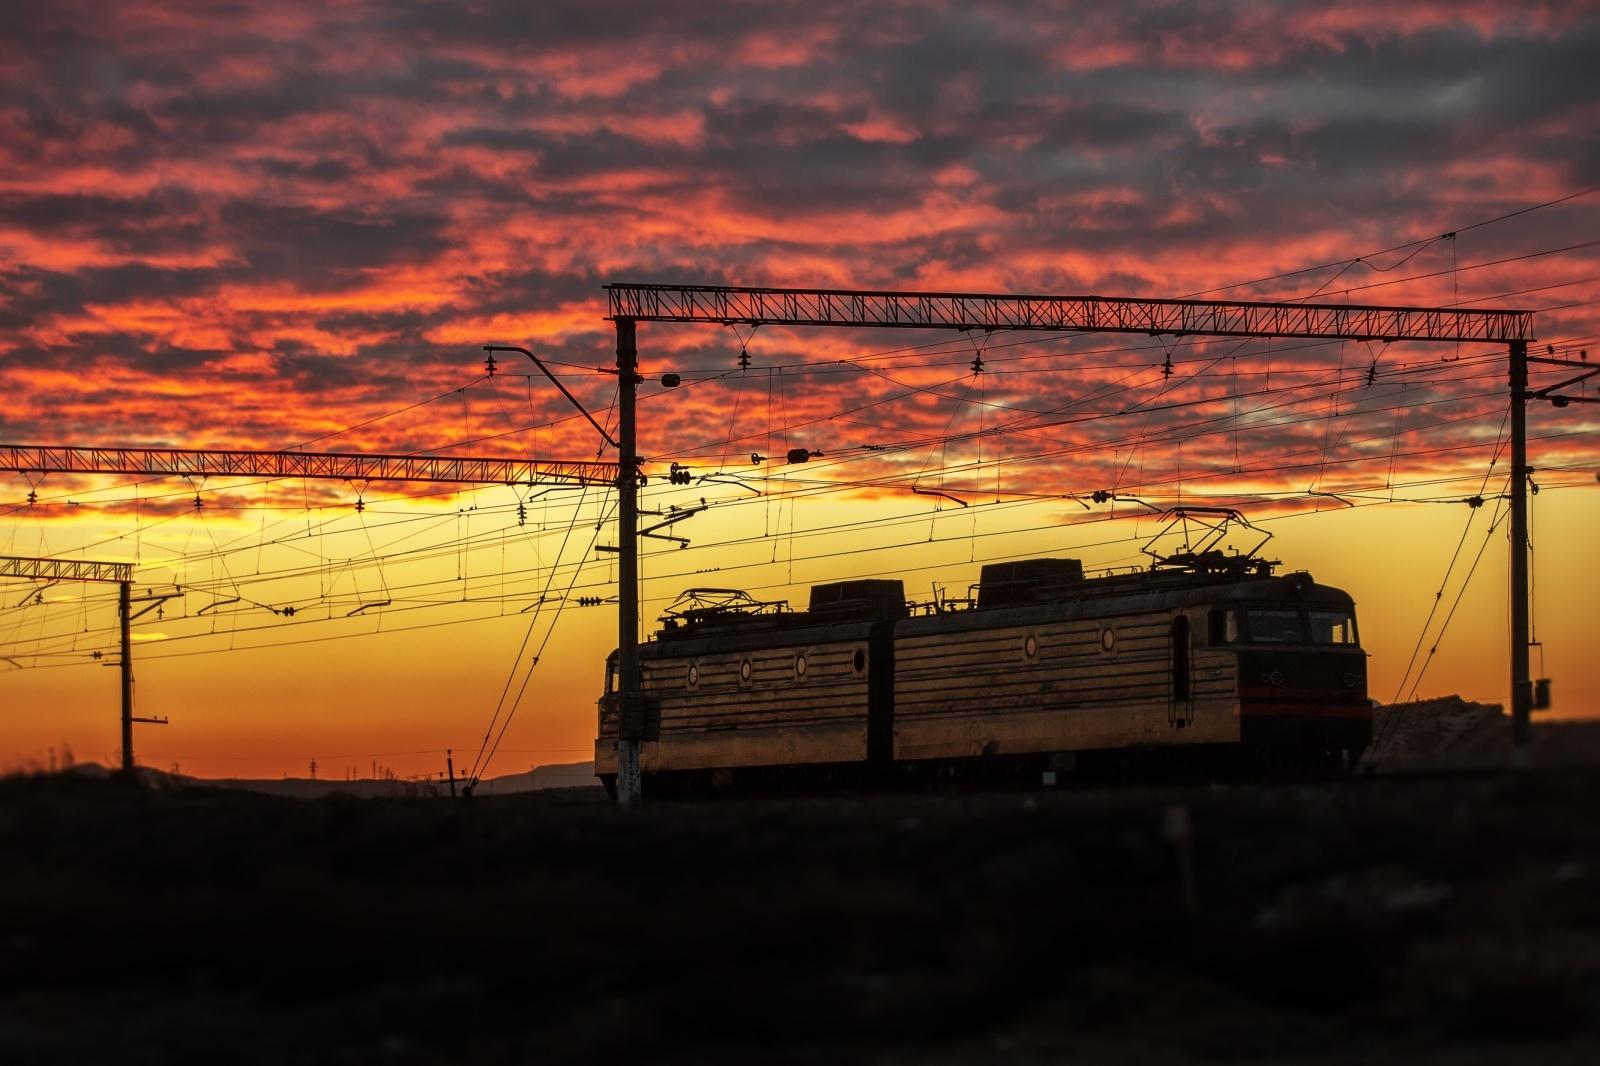 夕焼けの中を走る機関車